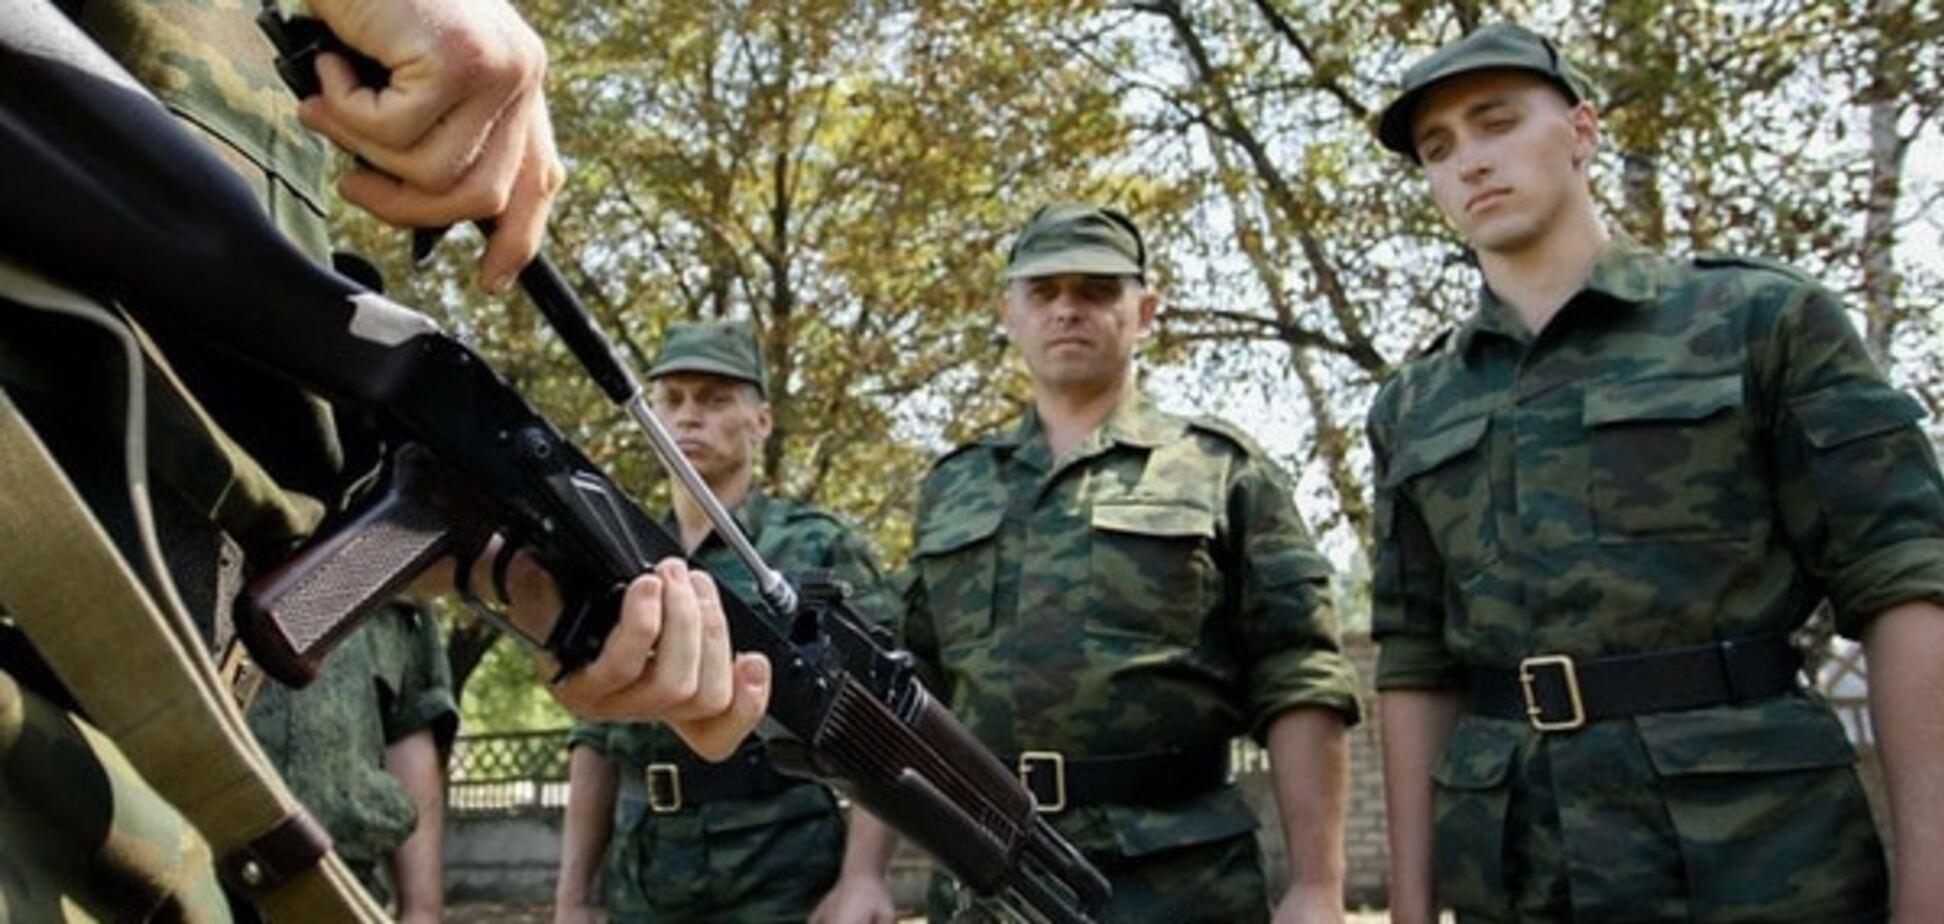 Розвідка повідомила про жертви та поранених серед терористів на Донбасі